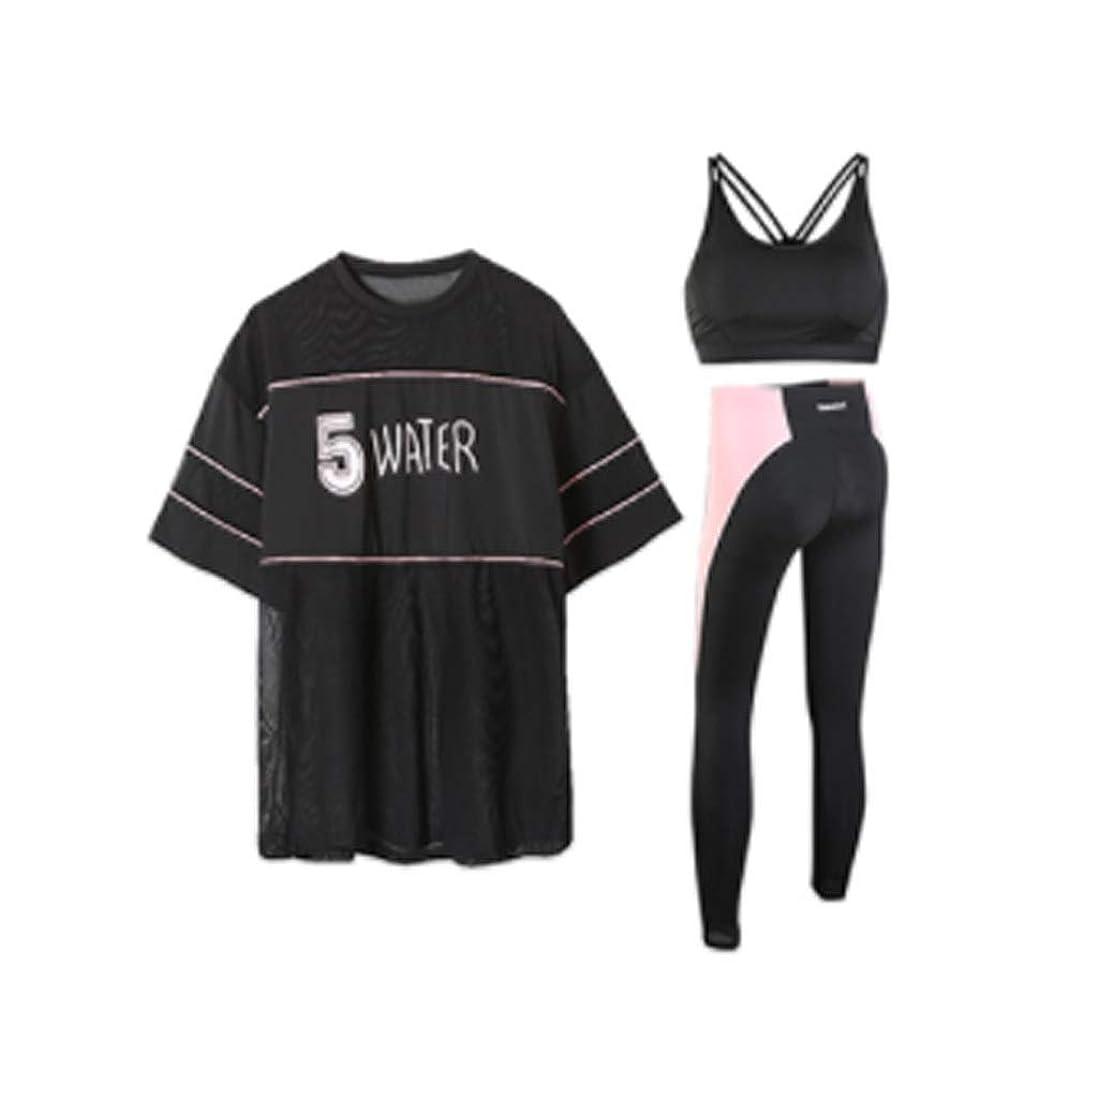 ライドライオン釈義女性用ジムランニングセット速乾性ヨガフィットネス服速乾性服 (Color : 2, Size : XXXL)